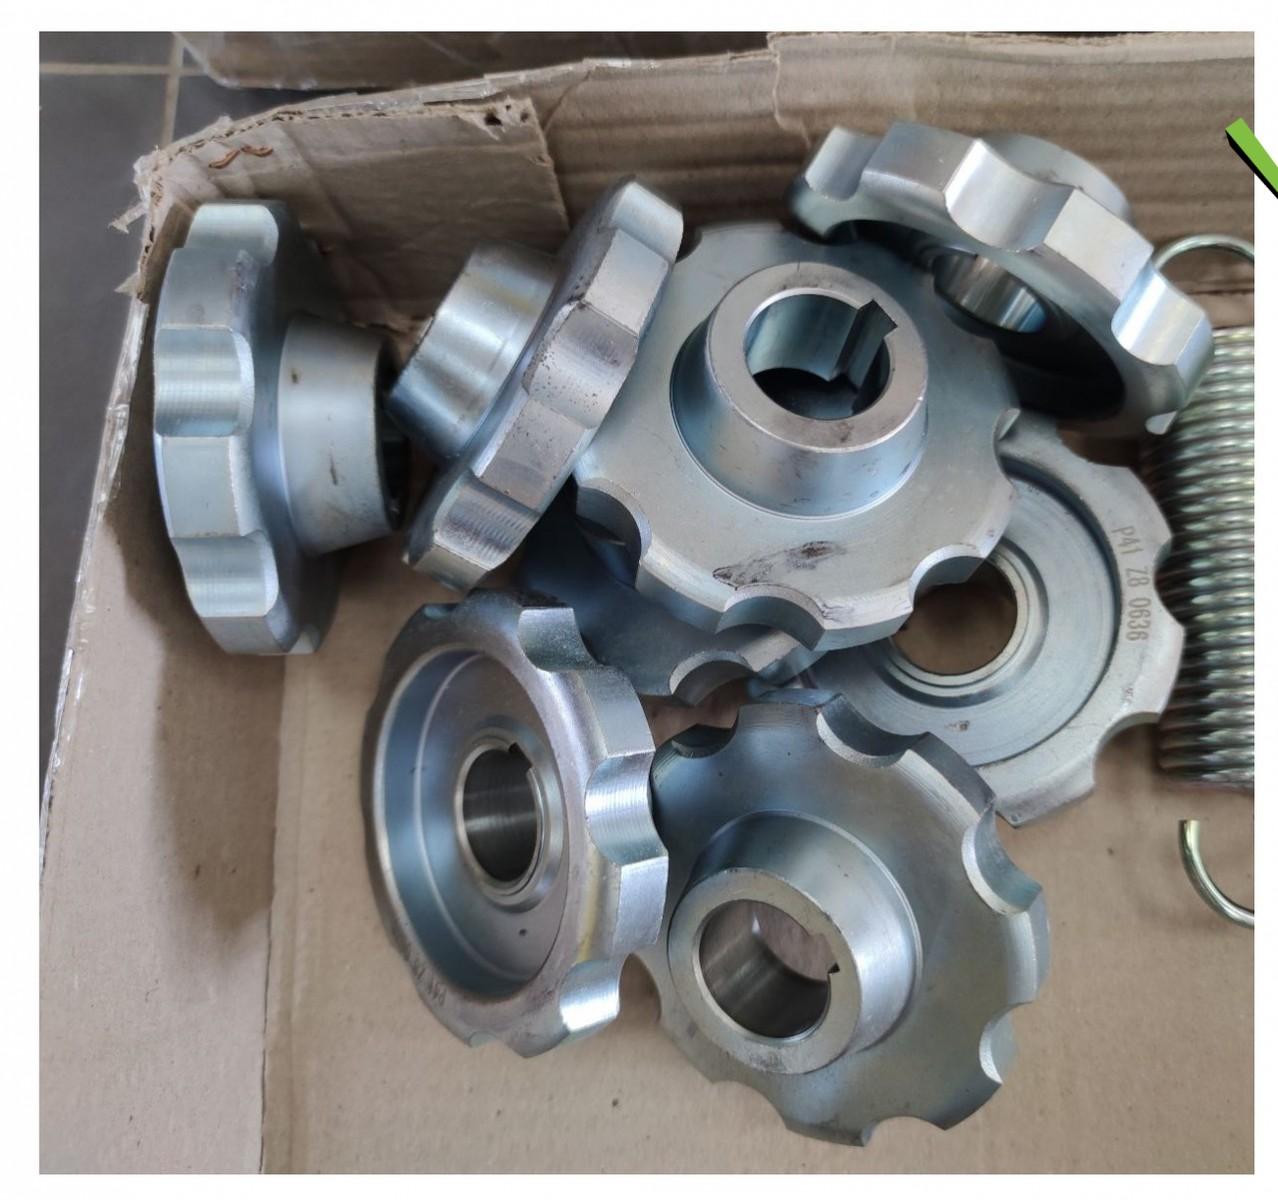 Зрочка Dominoni 12608 11528 Z8 D30mm приводна мисового ланцюга CA550